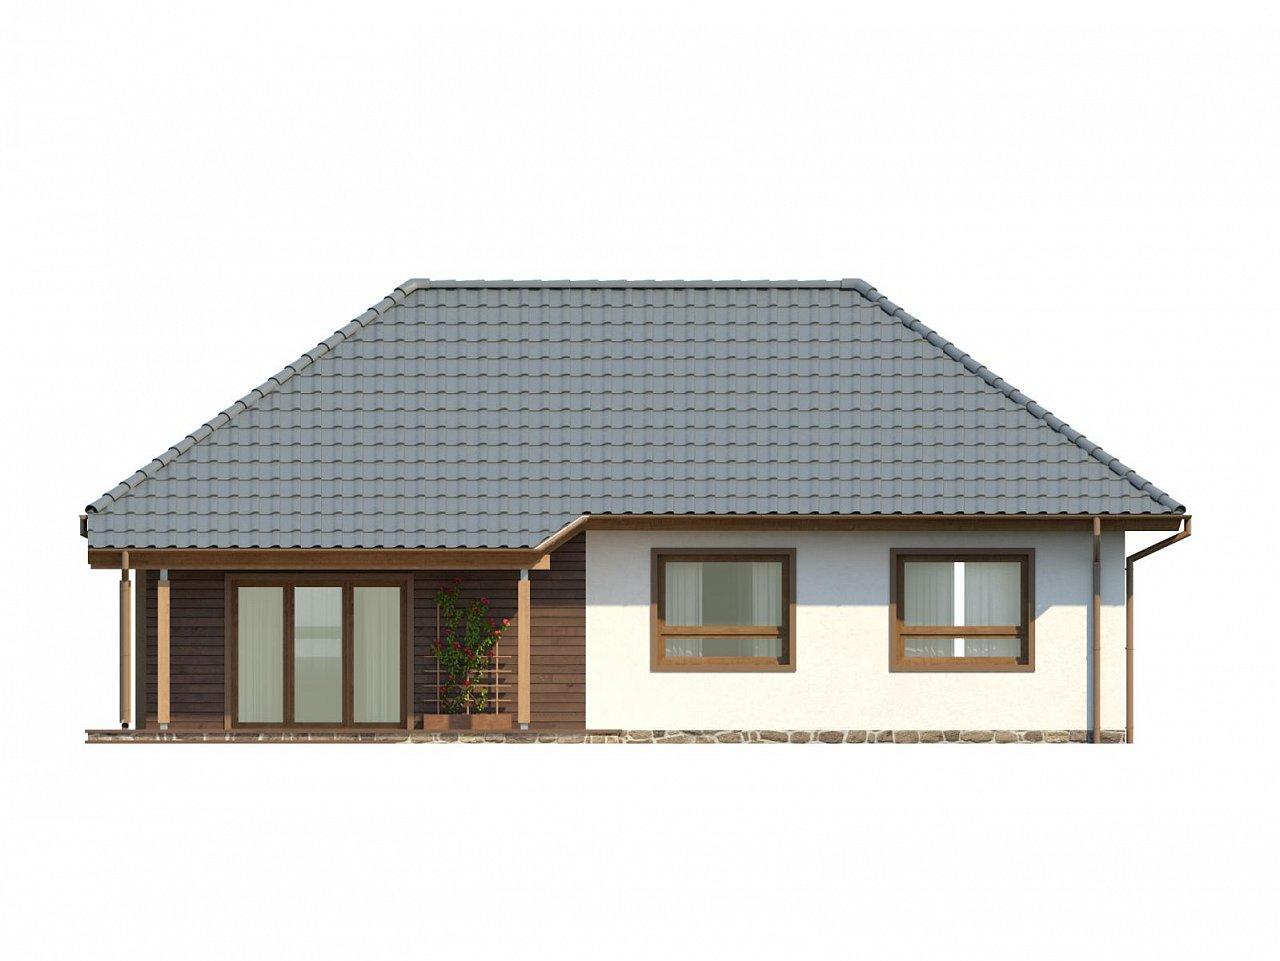 Проект одноэтажного классического дома адаптированного для каркасной технологии строительства. - фото 15